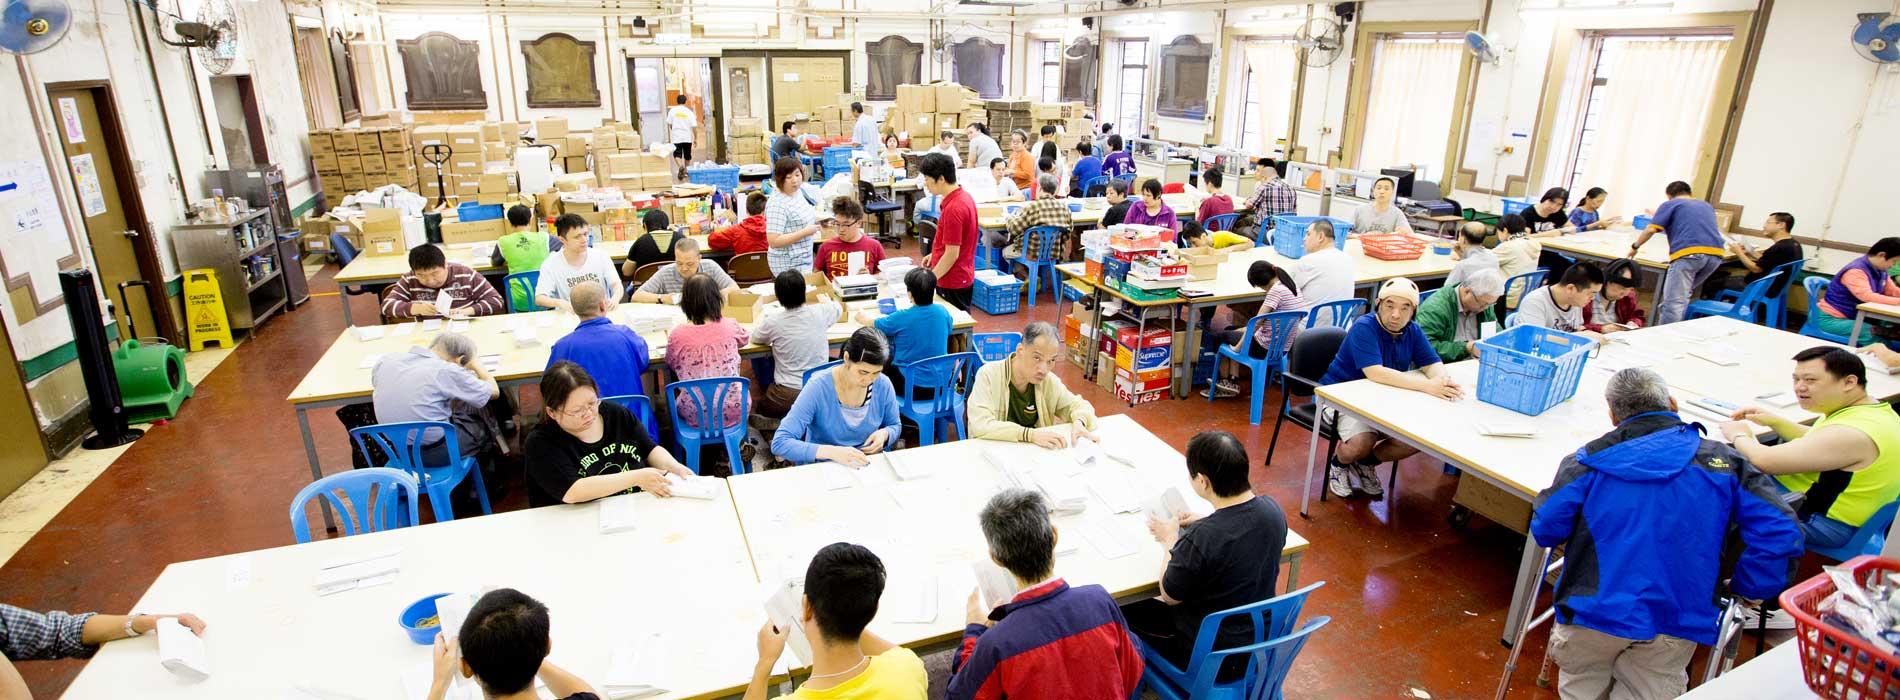 必愛之家庇護工場服務介紹頁面橫幅